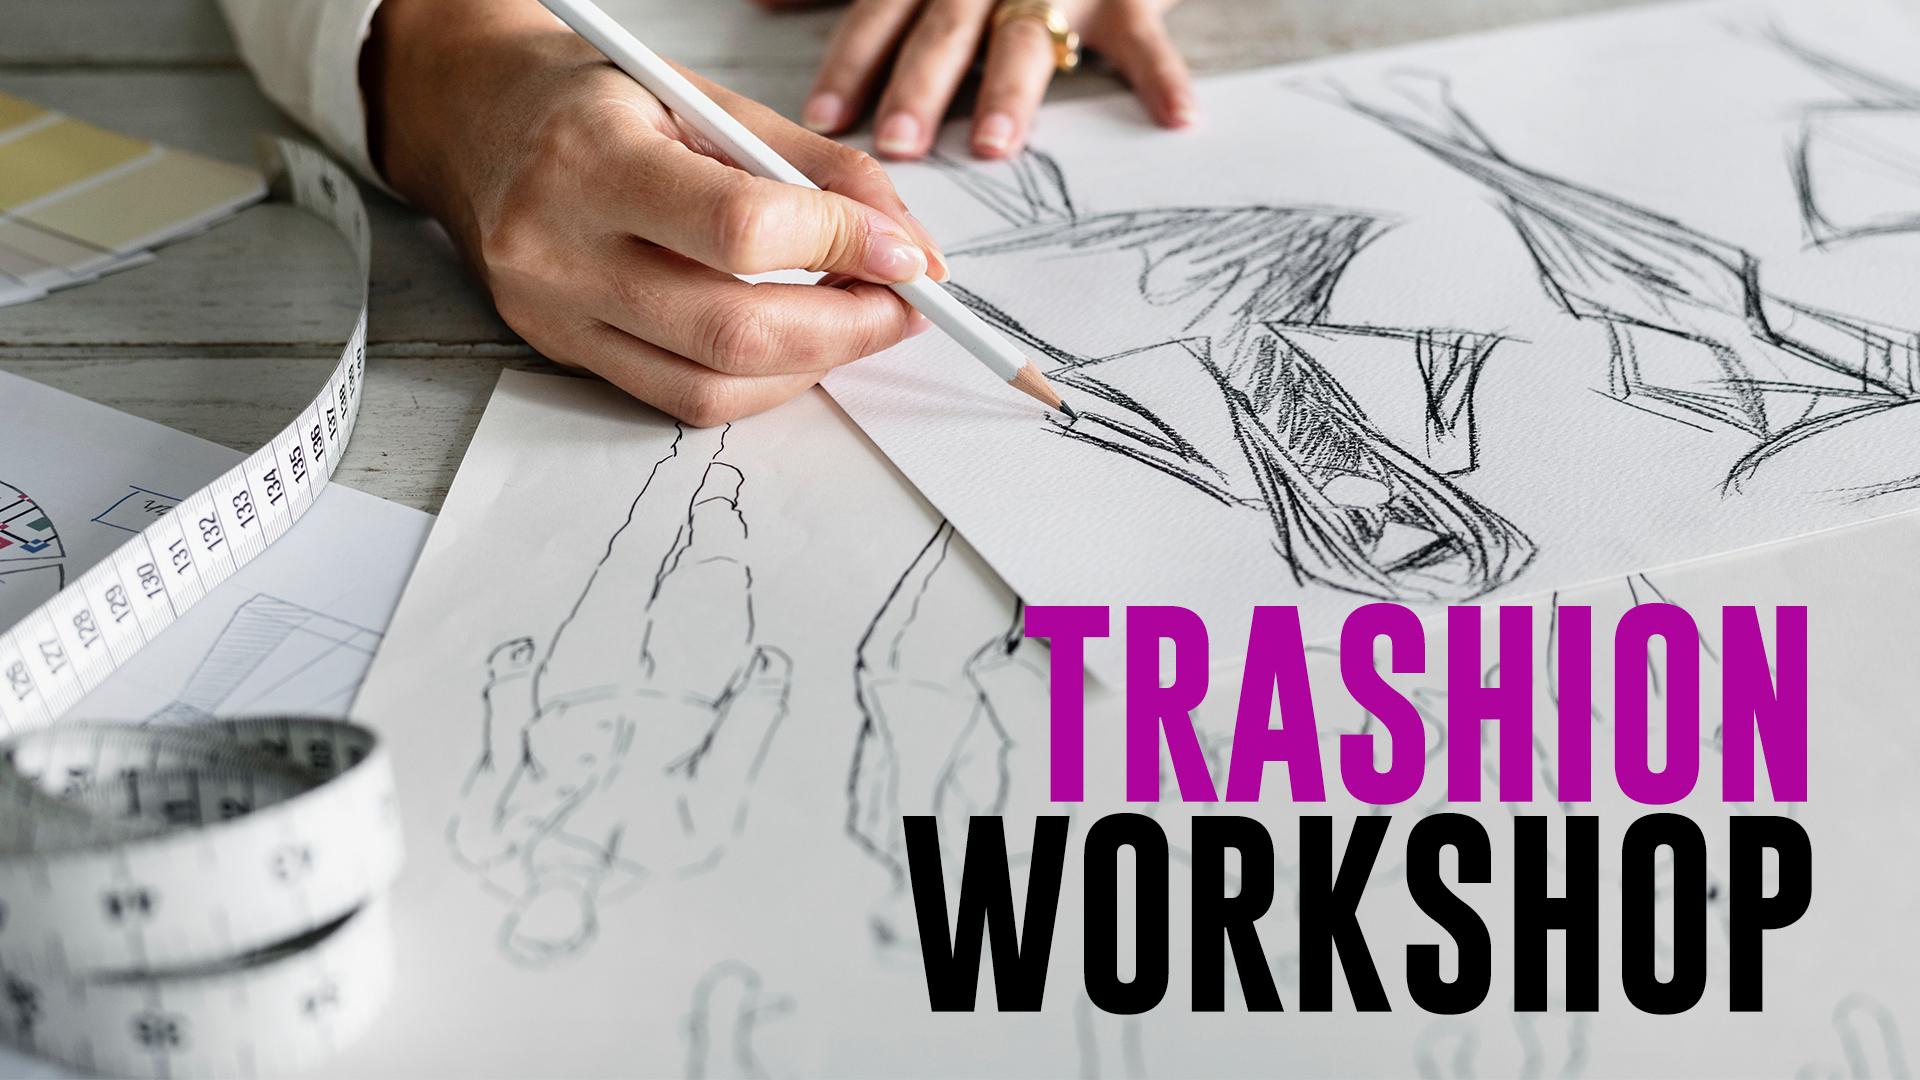 Trashion Workshop